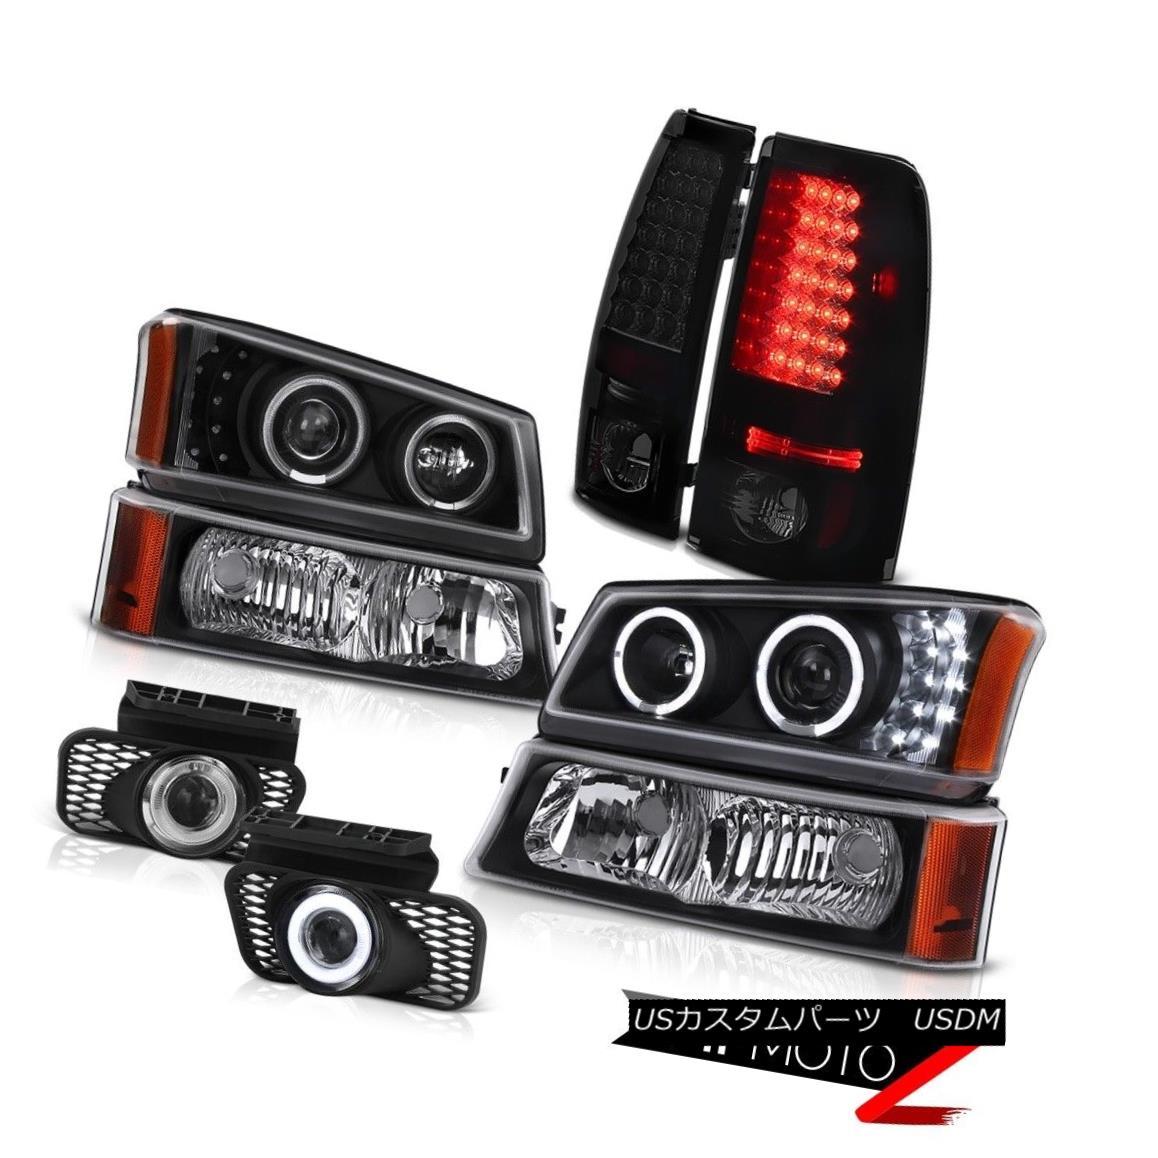 テールライト Dual Angle Eye Headlight Bumper Bright LED Tail Wiring Fog Light 03-06 Silverado デュアルアングルアイヘッドライトバンパー明るいLEDテールワイヤーフォグライト03-06シルバラード